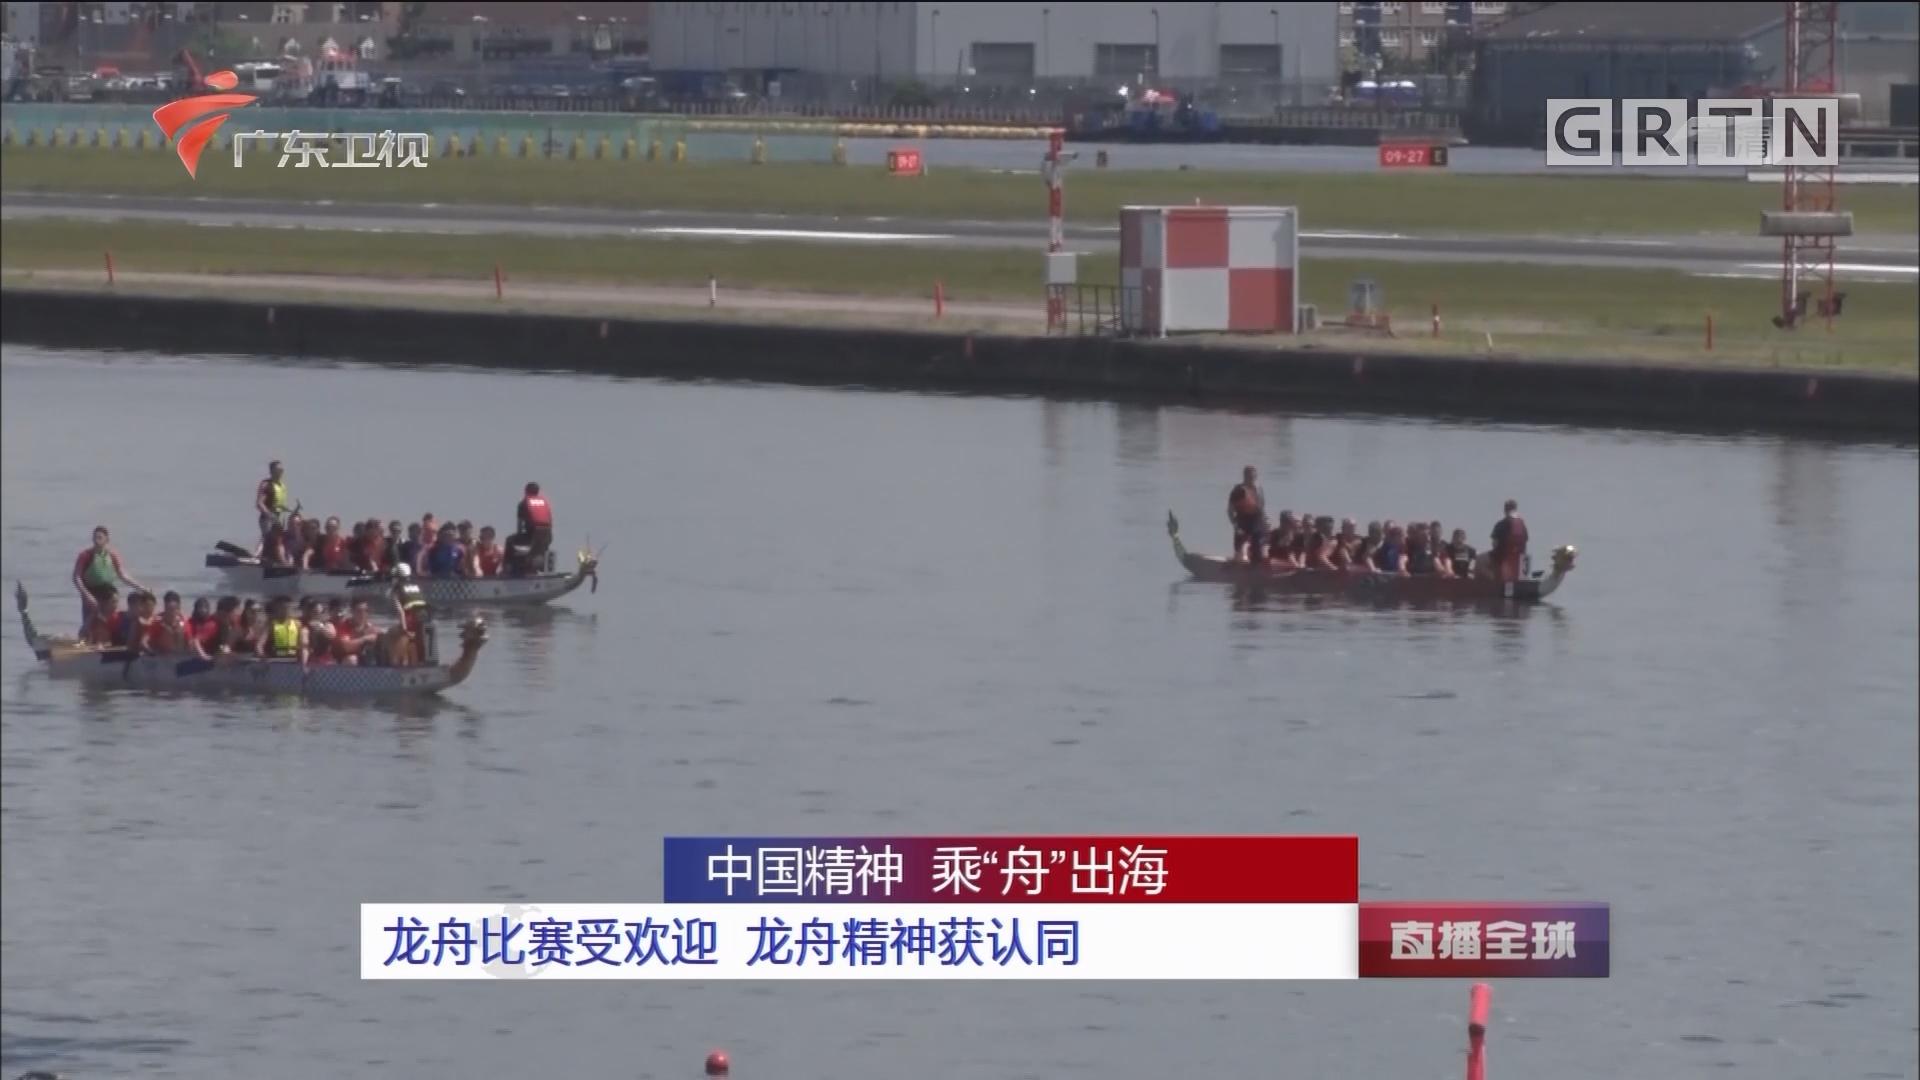 """中国精神 乘""""舟""""出海:龙舟比赛受欢迎 龙舟精神获认同"""